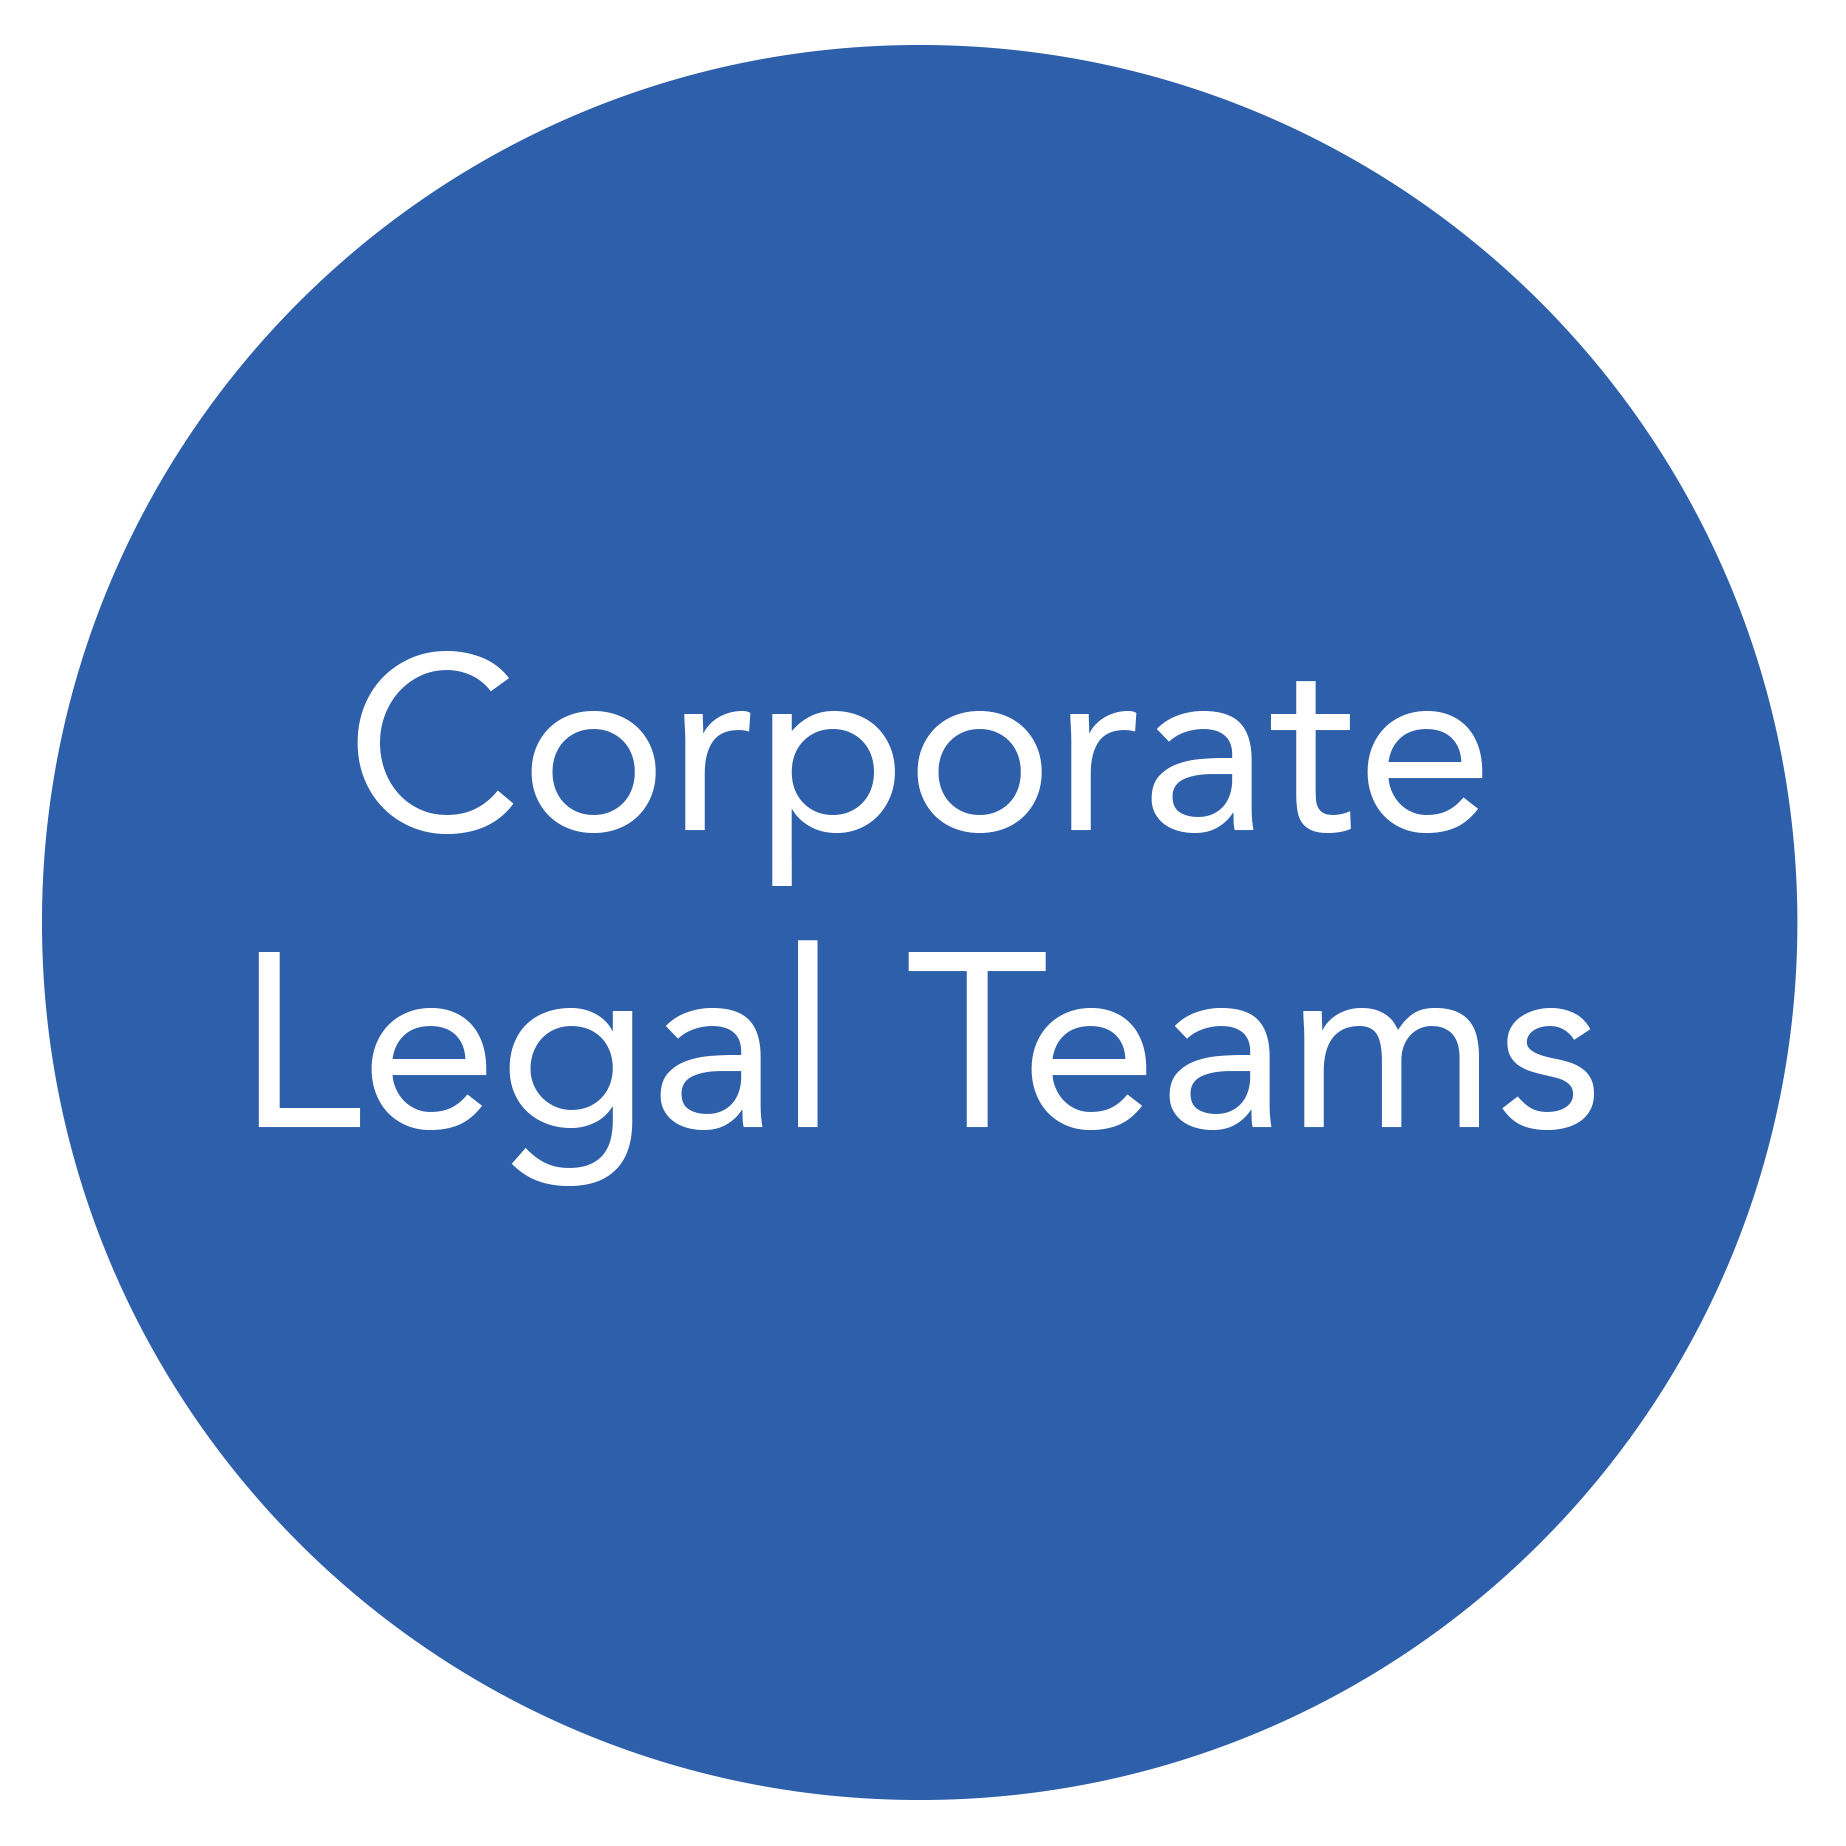 corporatelegal.png